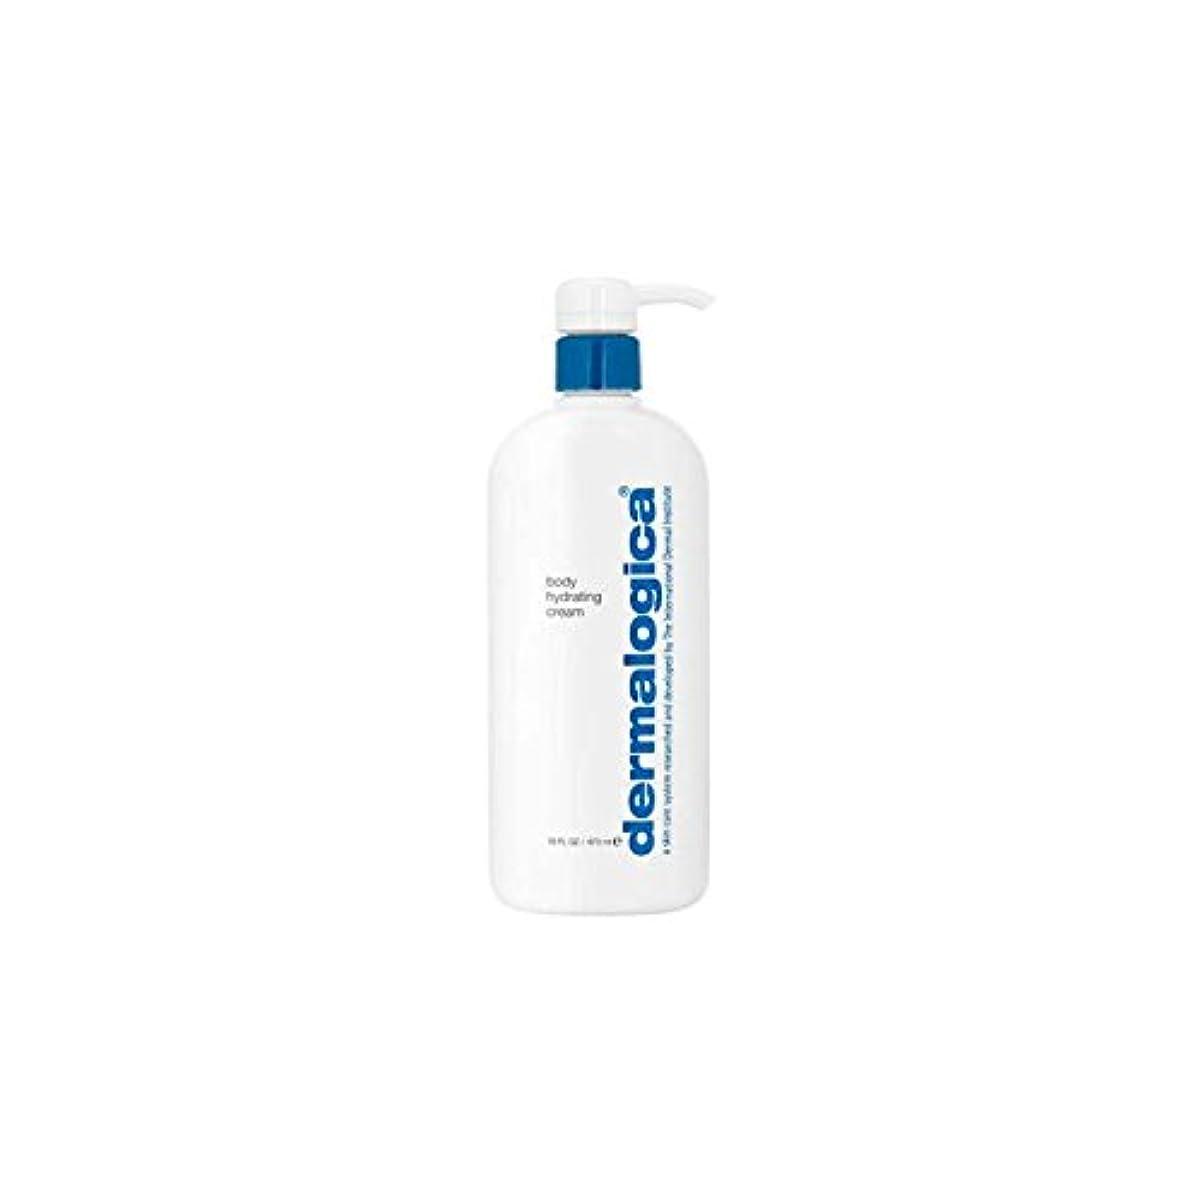 訪問合併症契約[Dermalogica ] ダーマロジカボディハイドレイティングクリーム(473ミリリットル) - Dermalogica Body Hydrating Cream (473ml) [並行輸入品]